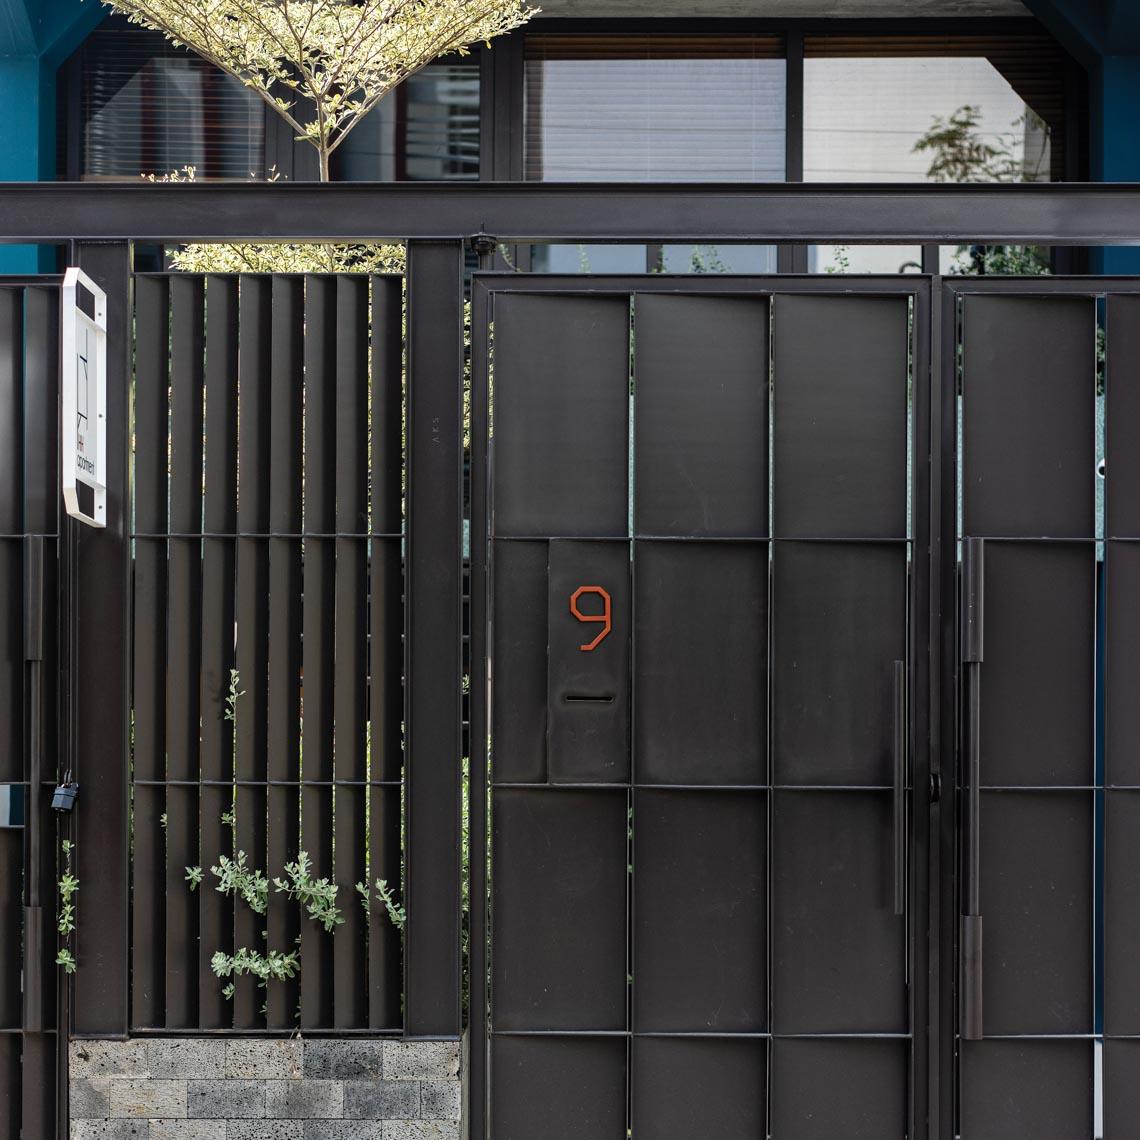 HH apartments - Những 'kén ở' trong đô thị -5